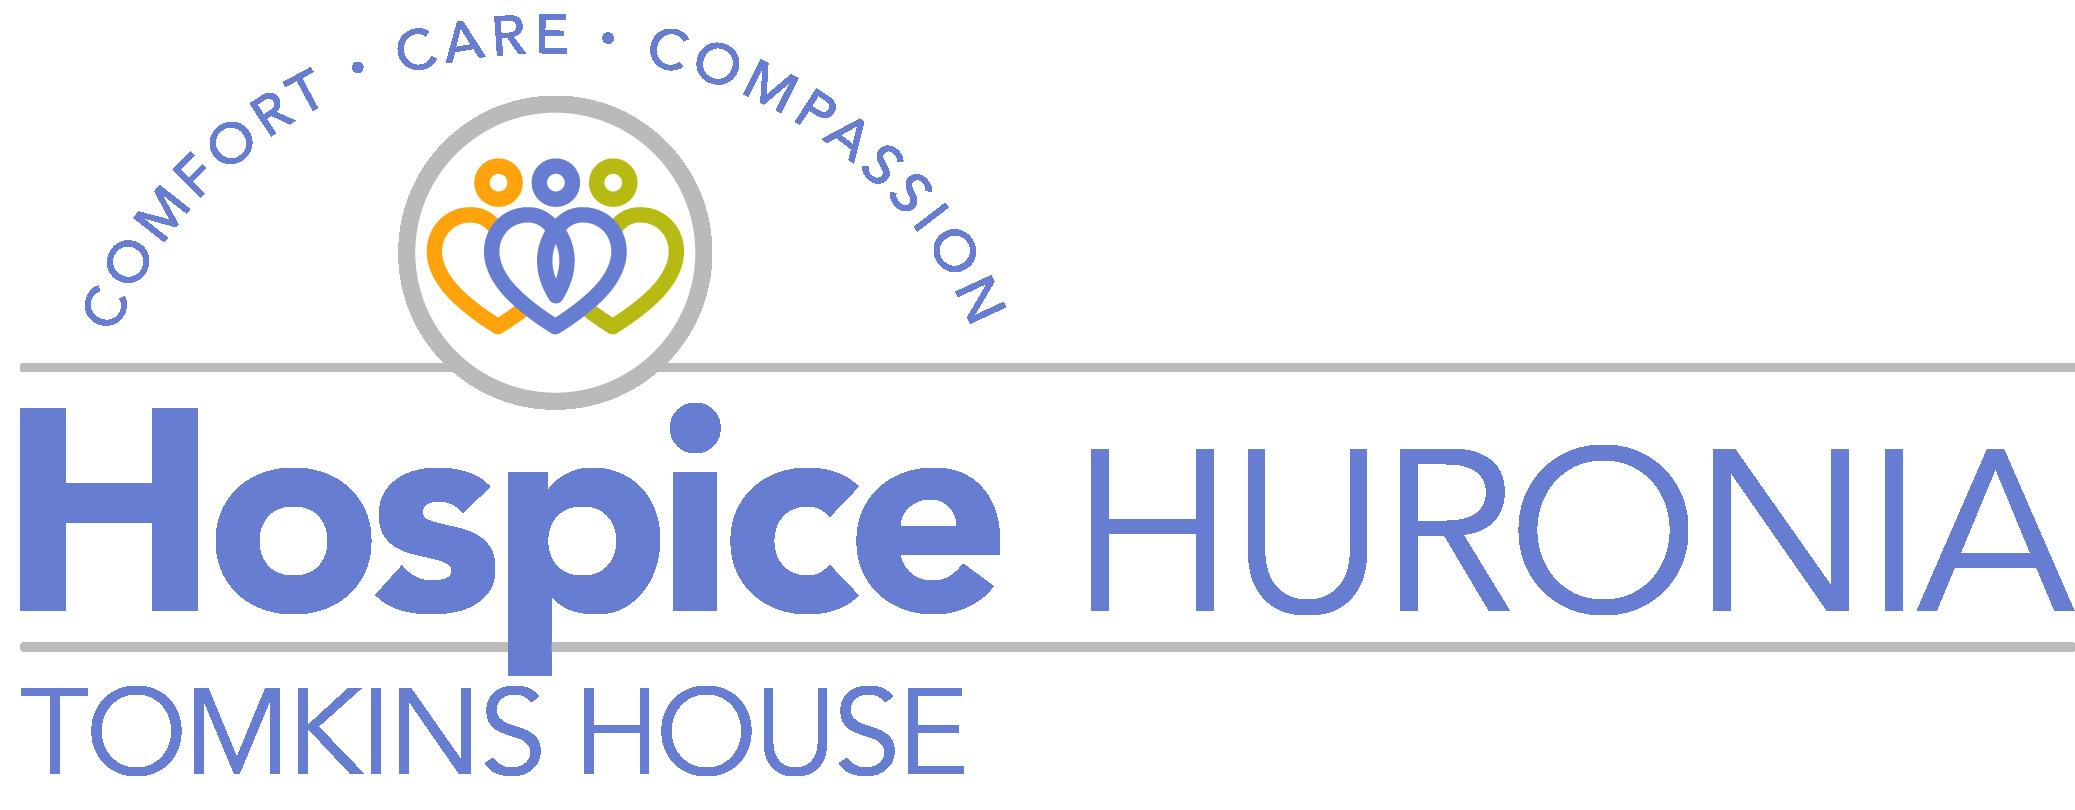 hospice_huronia_horizontal